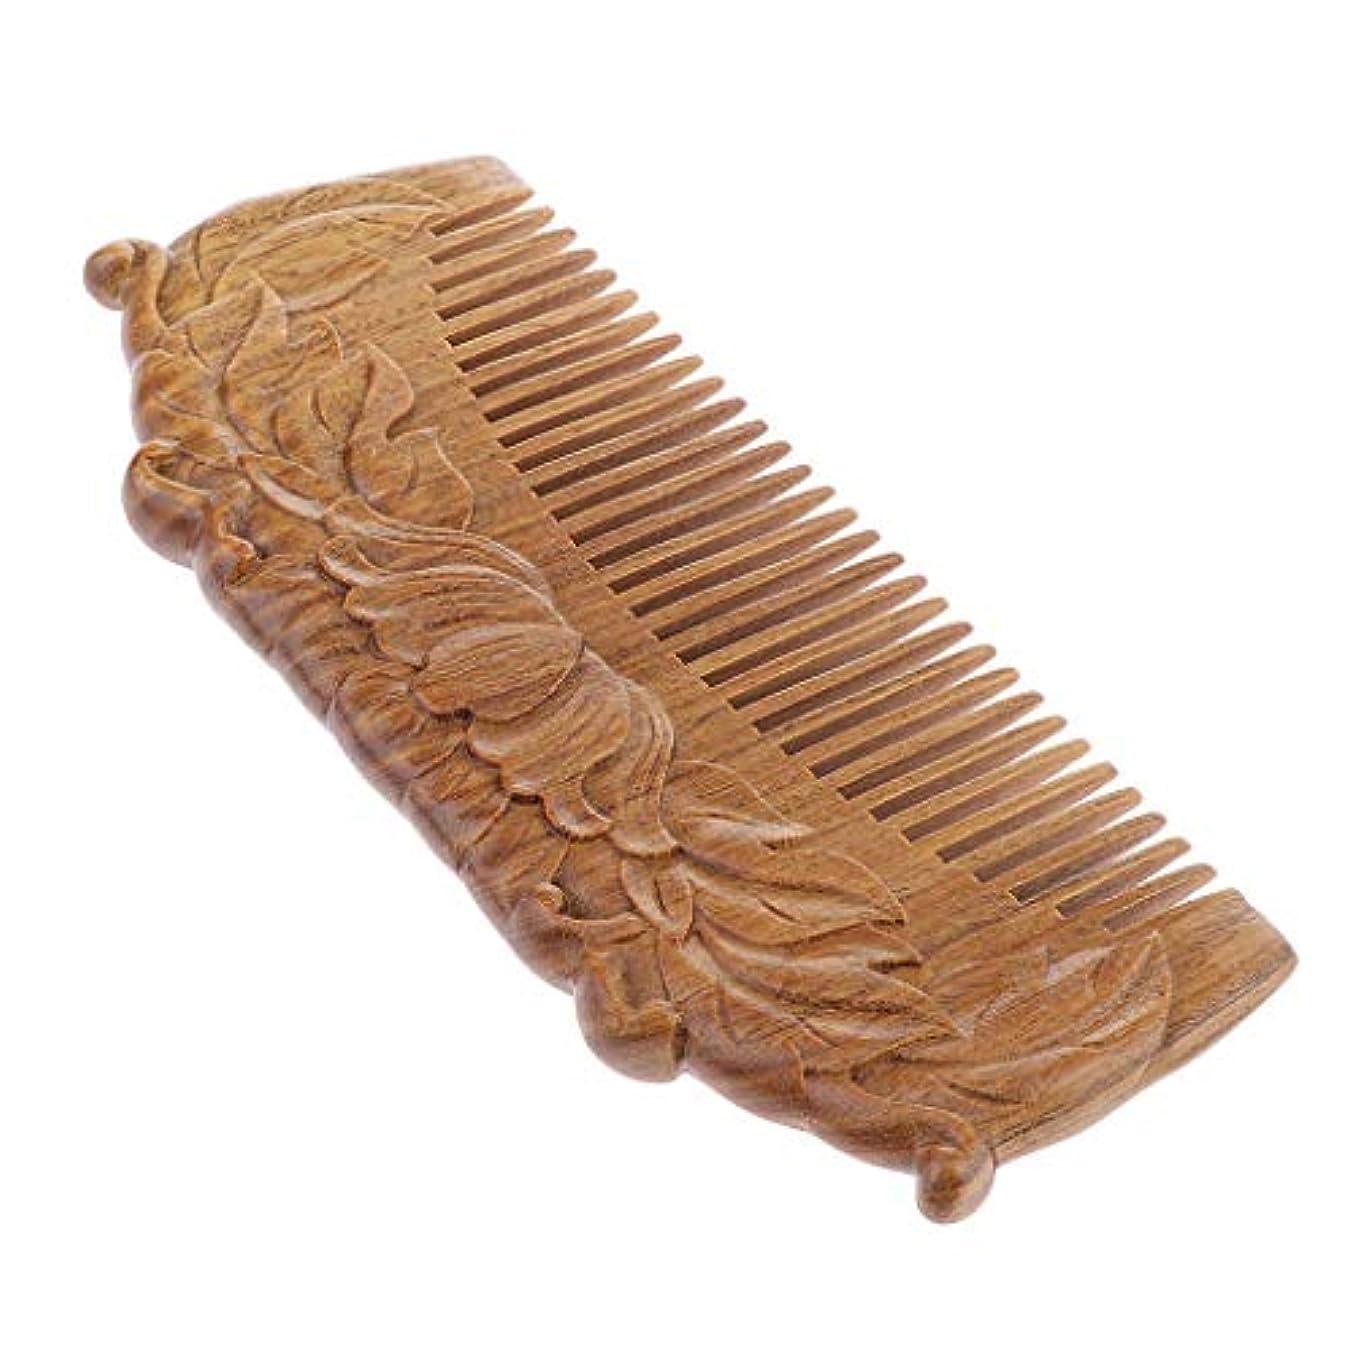 食欲開いた足枷ウッドコーム 木製櫛 高品質 手作り 天然木 帯電防止櫛 頭皮マッサージ ヘアブラシ